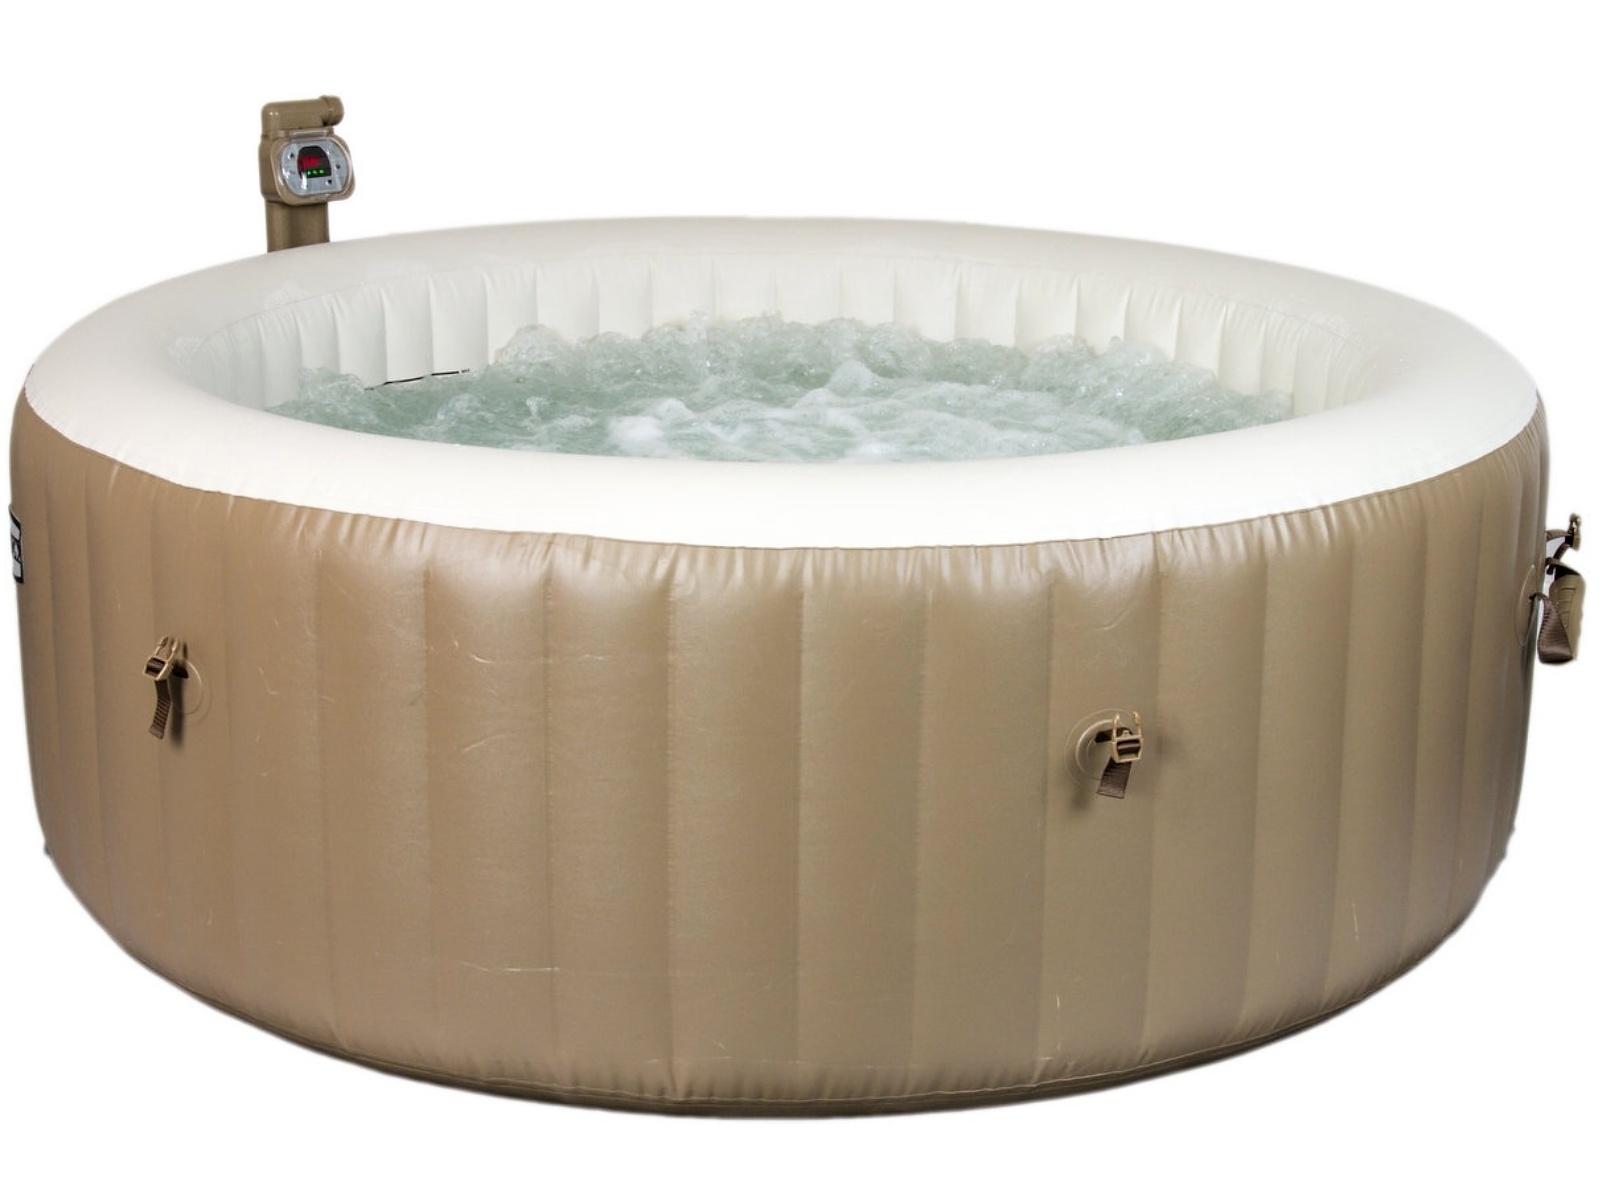 Vířivý bazén MARIMEX Pure Spa Bubble HWS - krémově hnědý